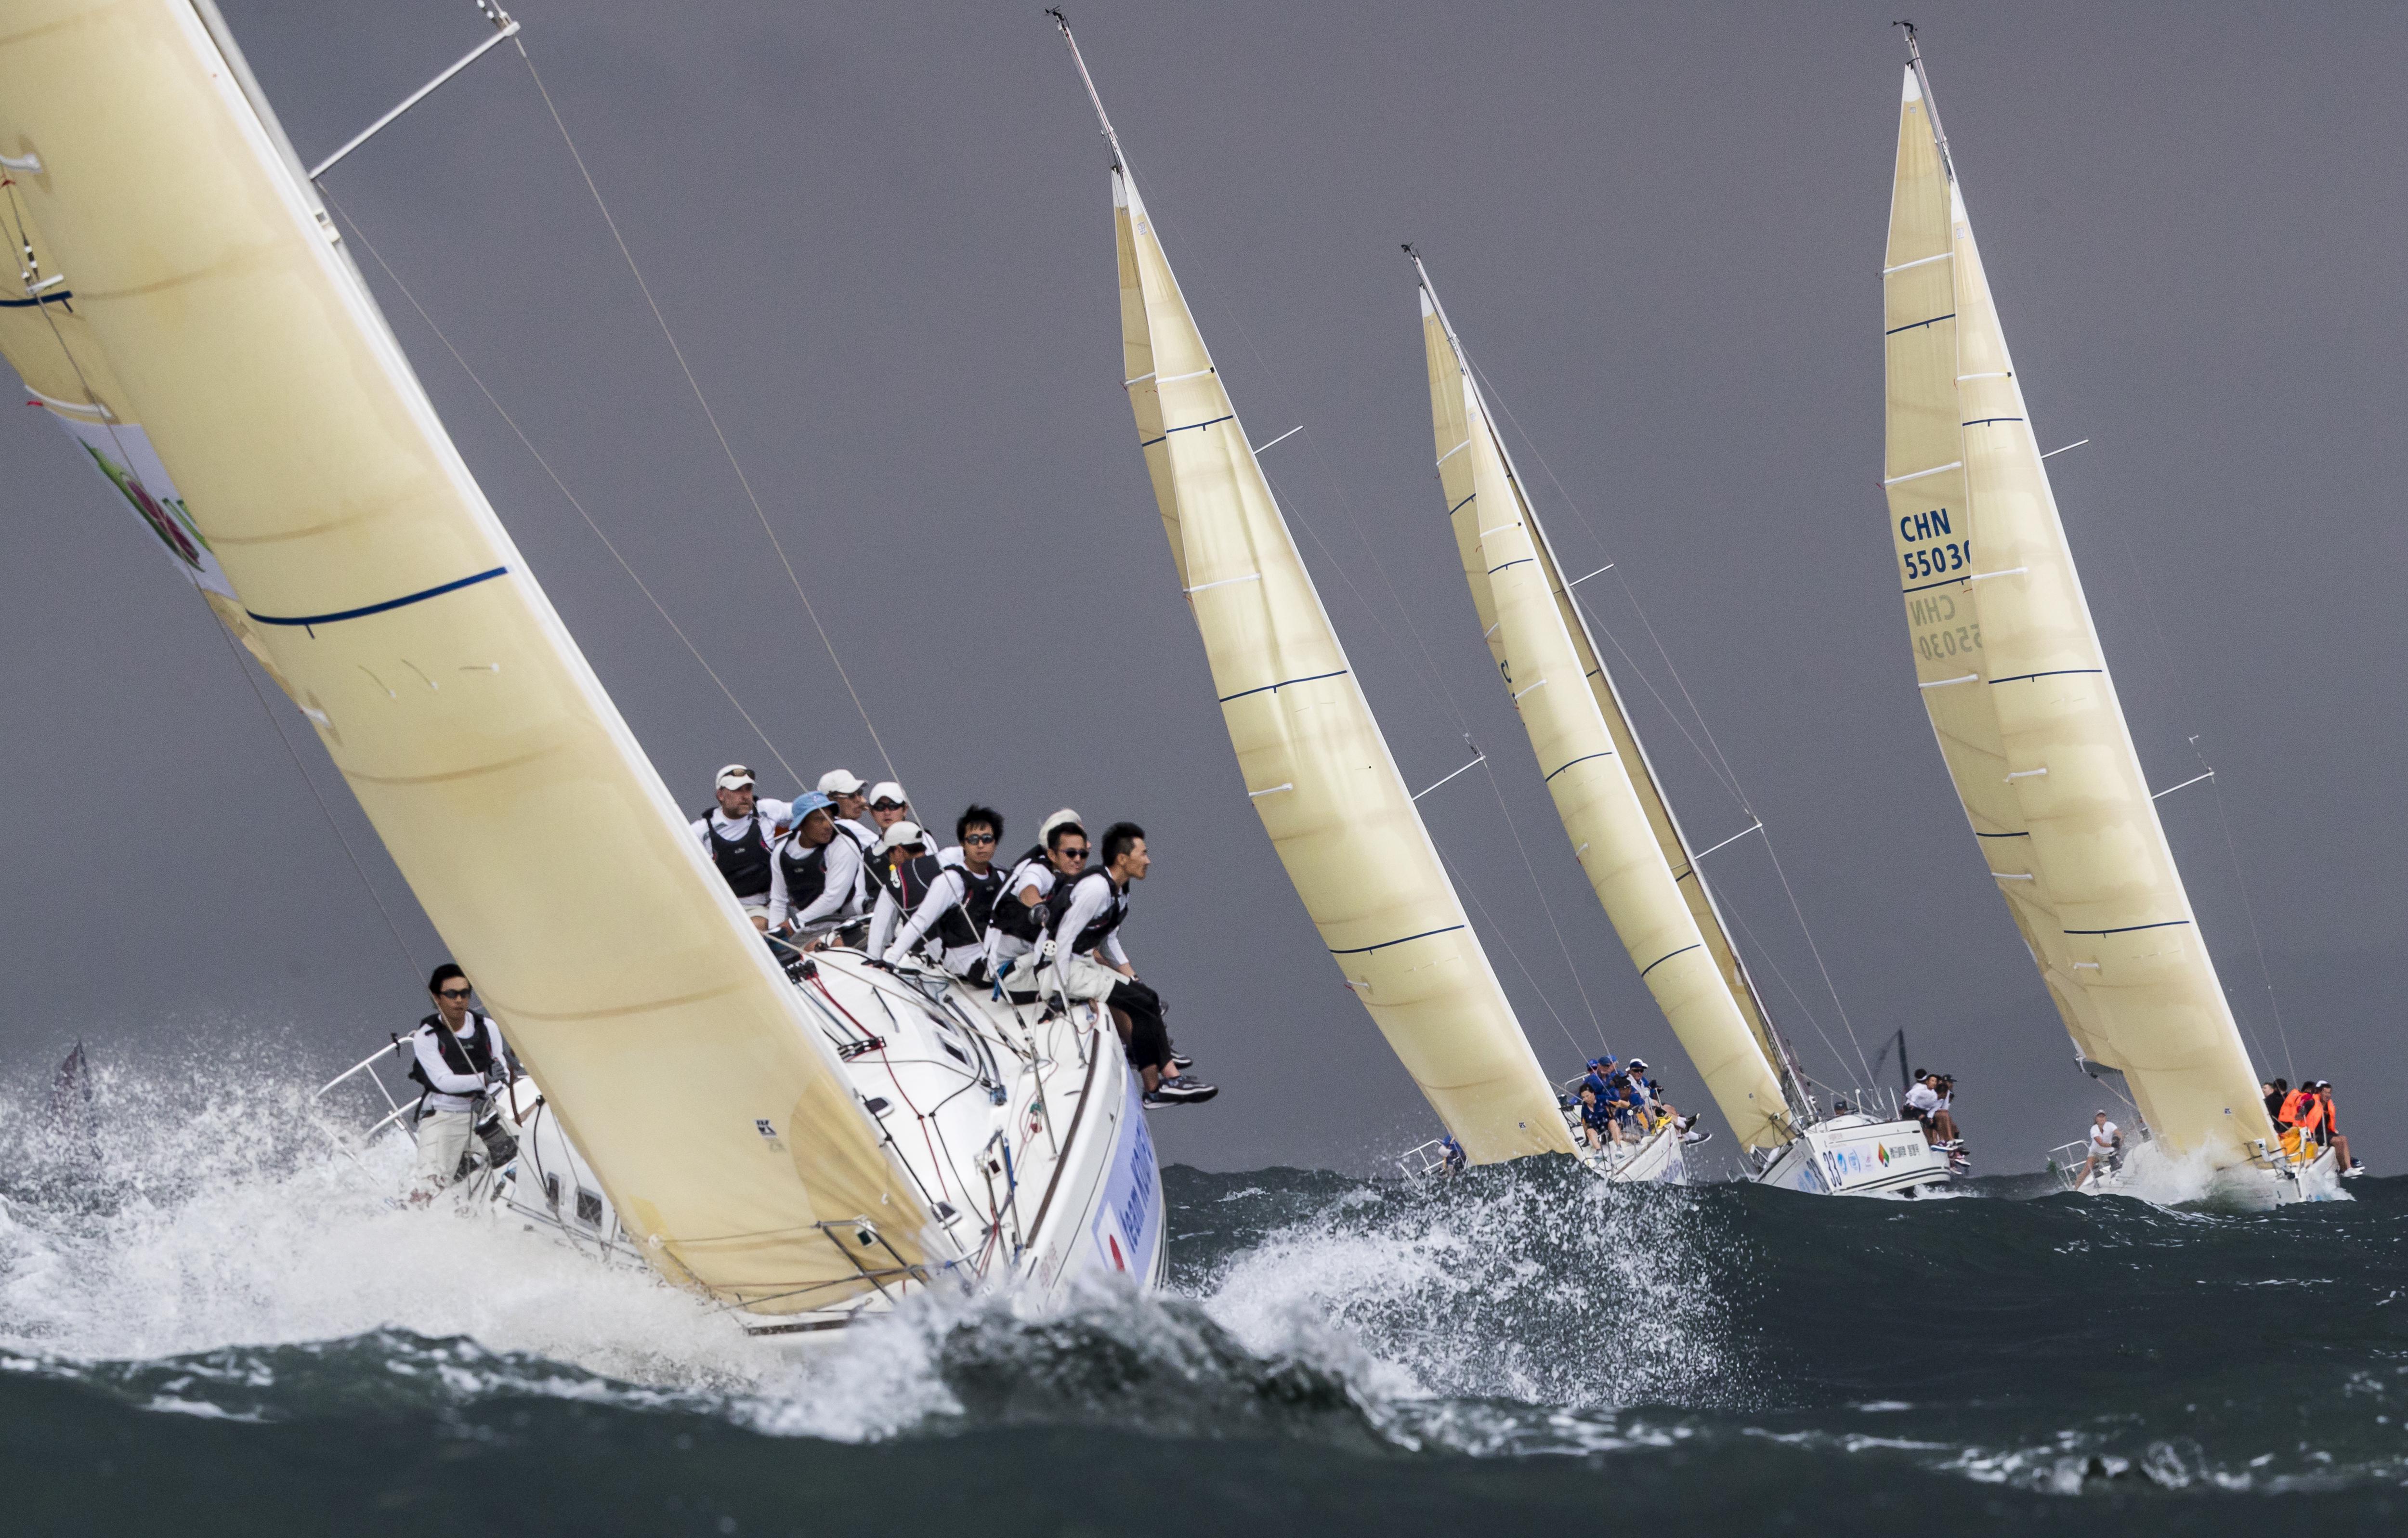 轮回之间返诸初心 中国杯帆船赛迎来最强冠军年